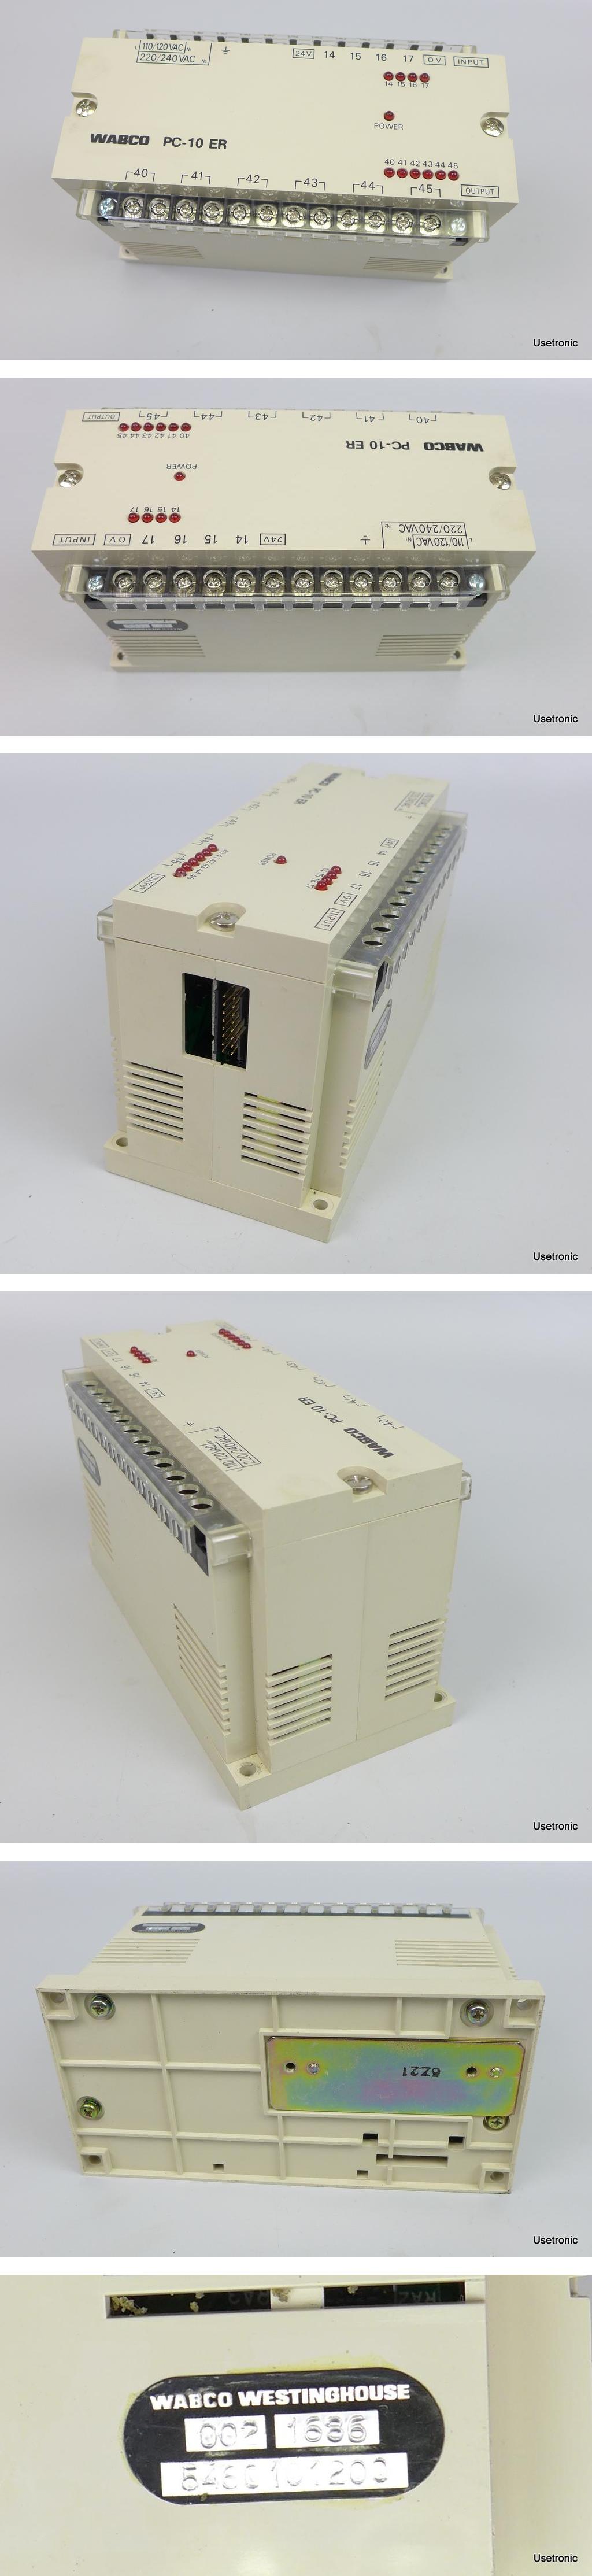 Westinghouse Wabco PC 10 ER